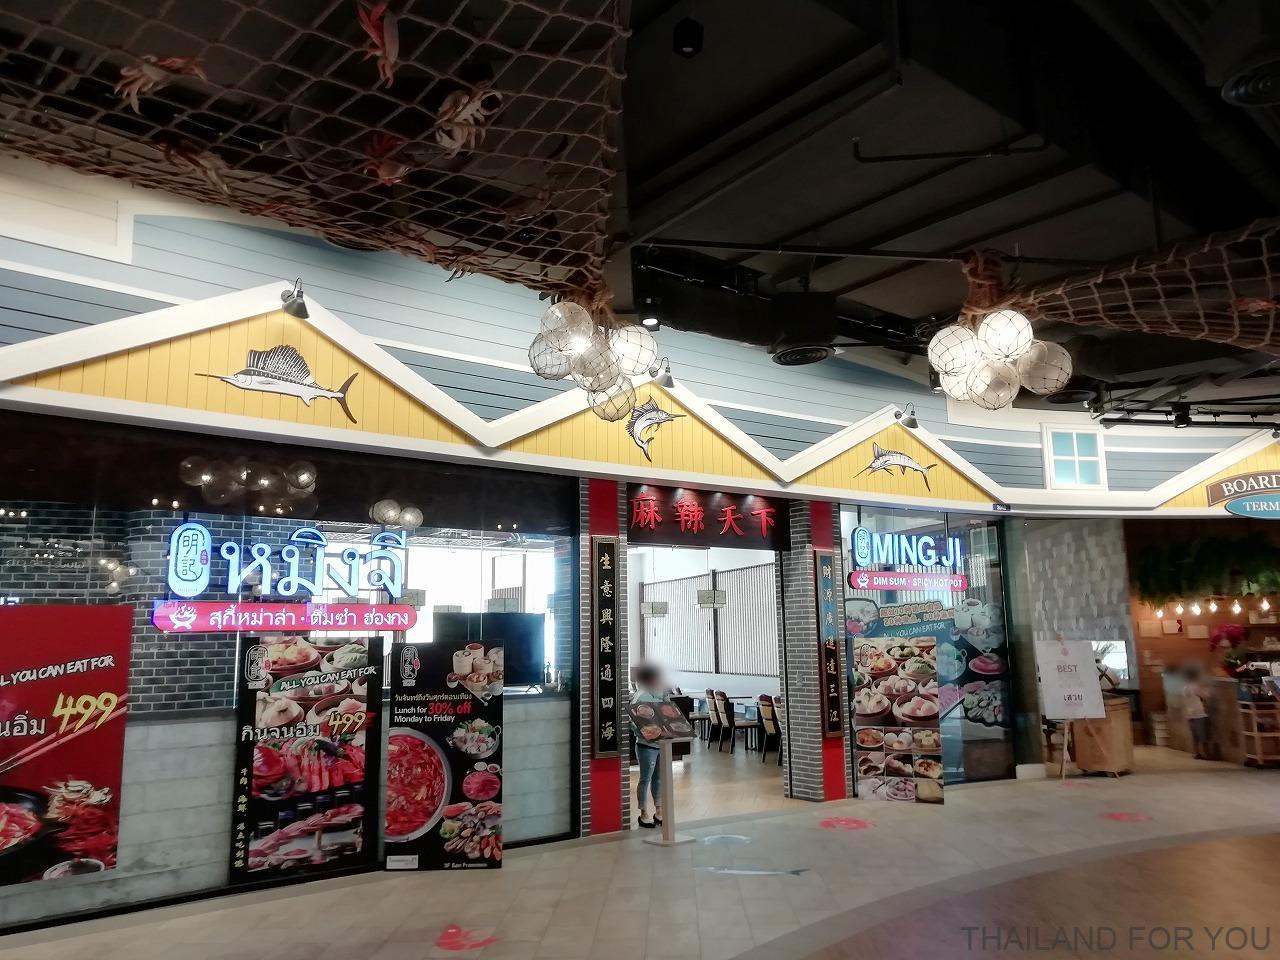 パタヤ ターミナル21 Ming Ji